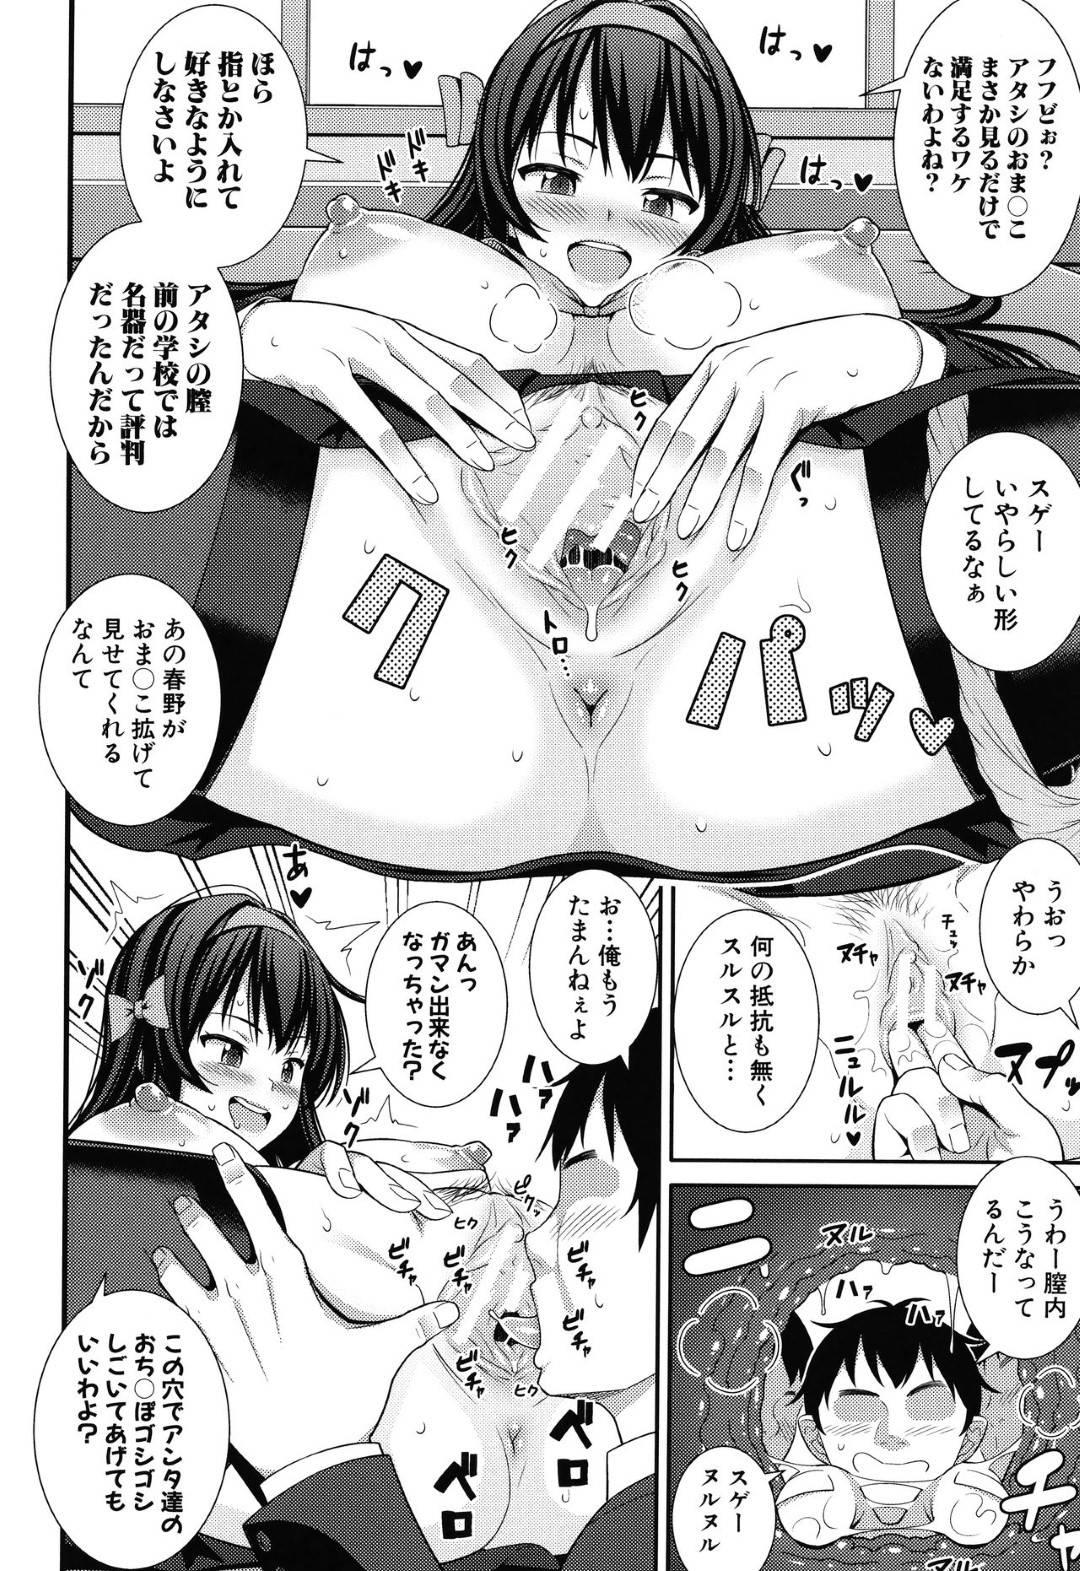 【淫乱女子高生エロ漫画】近寄りがたい雰囲気だが、実は淫乱ビッチだった春野綾香と中出しセックスでイキまくり【どれいん】